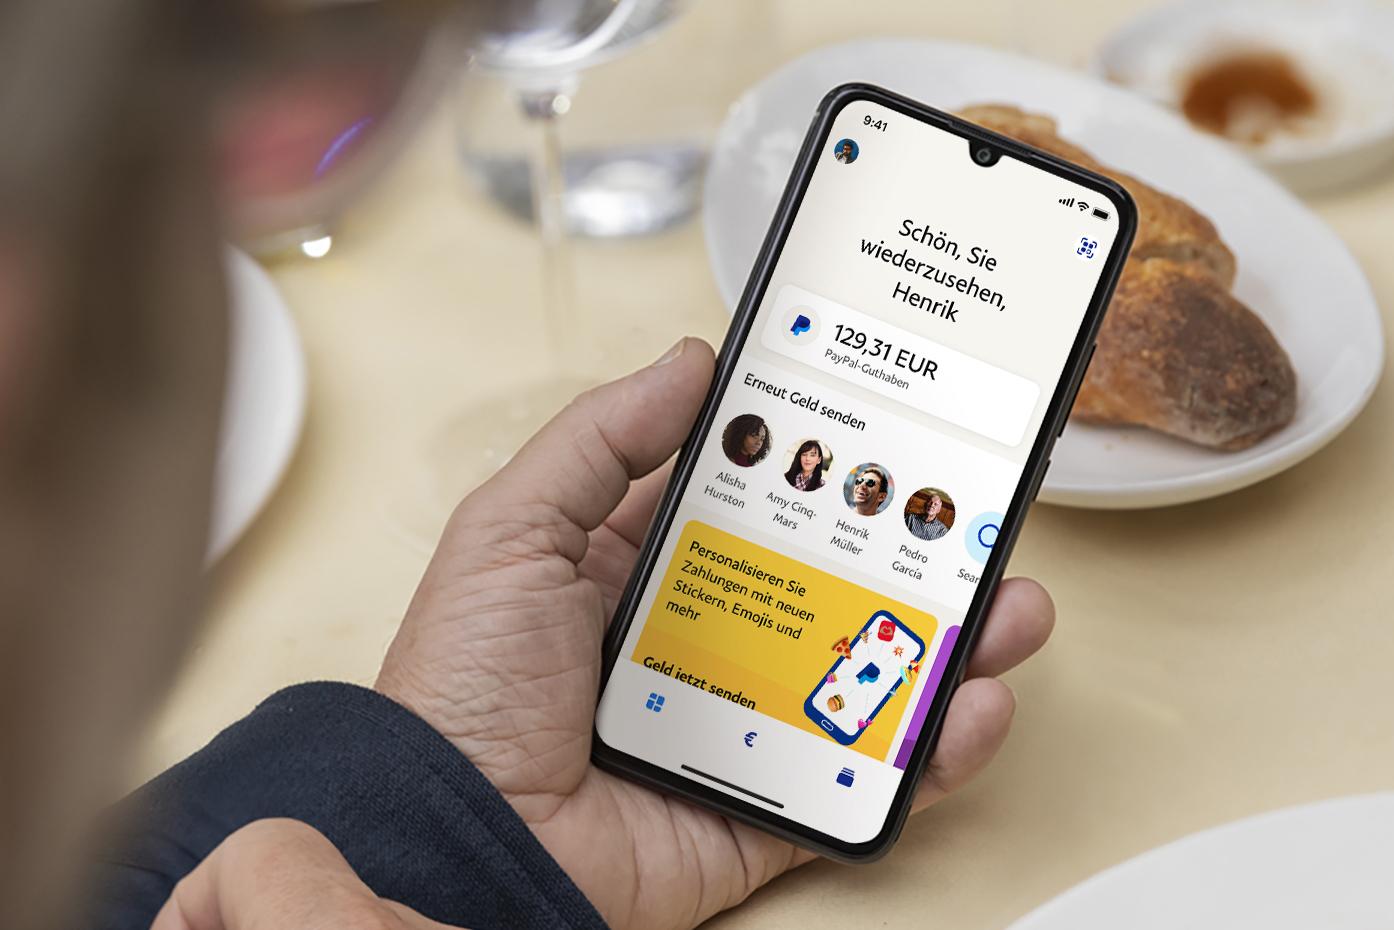 Personalisierte Übersicht, Chatfunktion für private Transaktionen, Spenden für den guten Zweck: Der Zahlungsanbieter PayPal hat seine App überarbeitet und neue Funktionen und Services angekündigt.